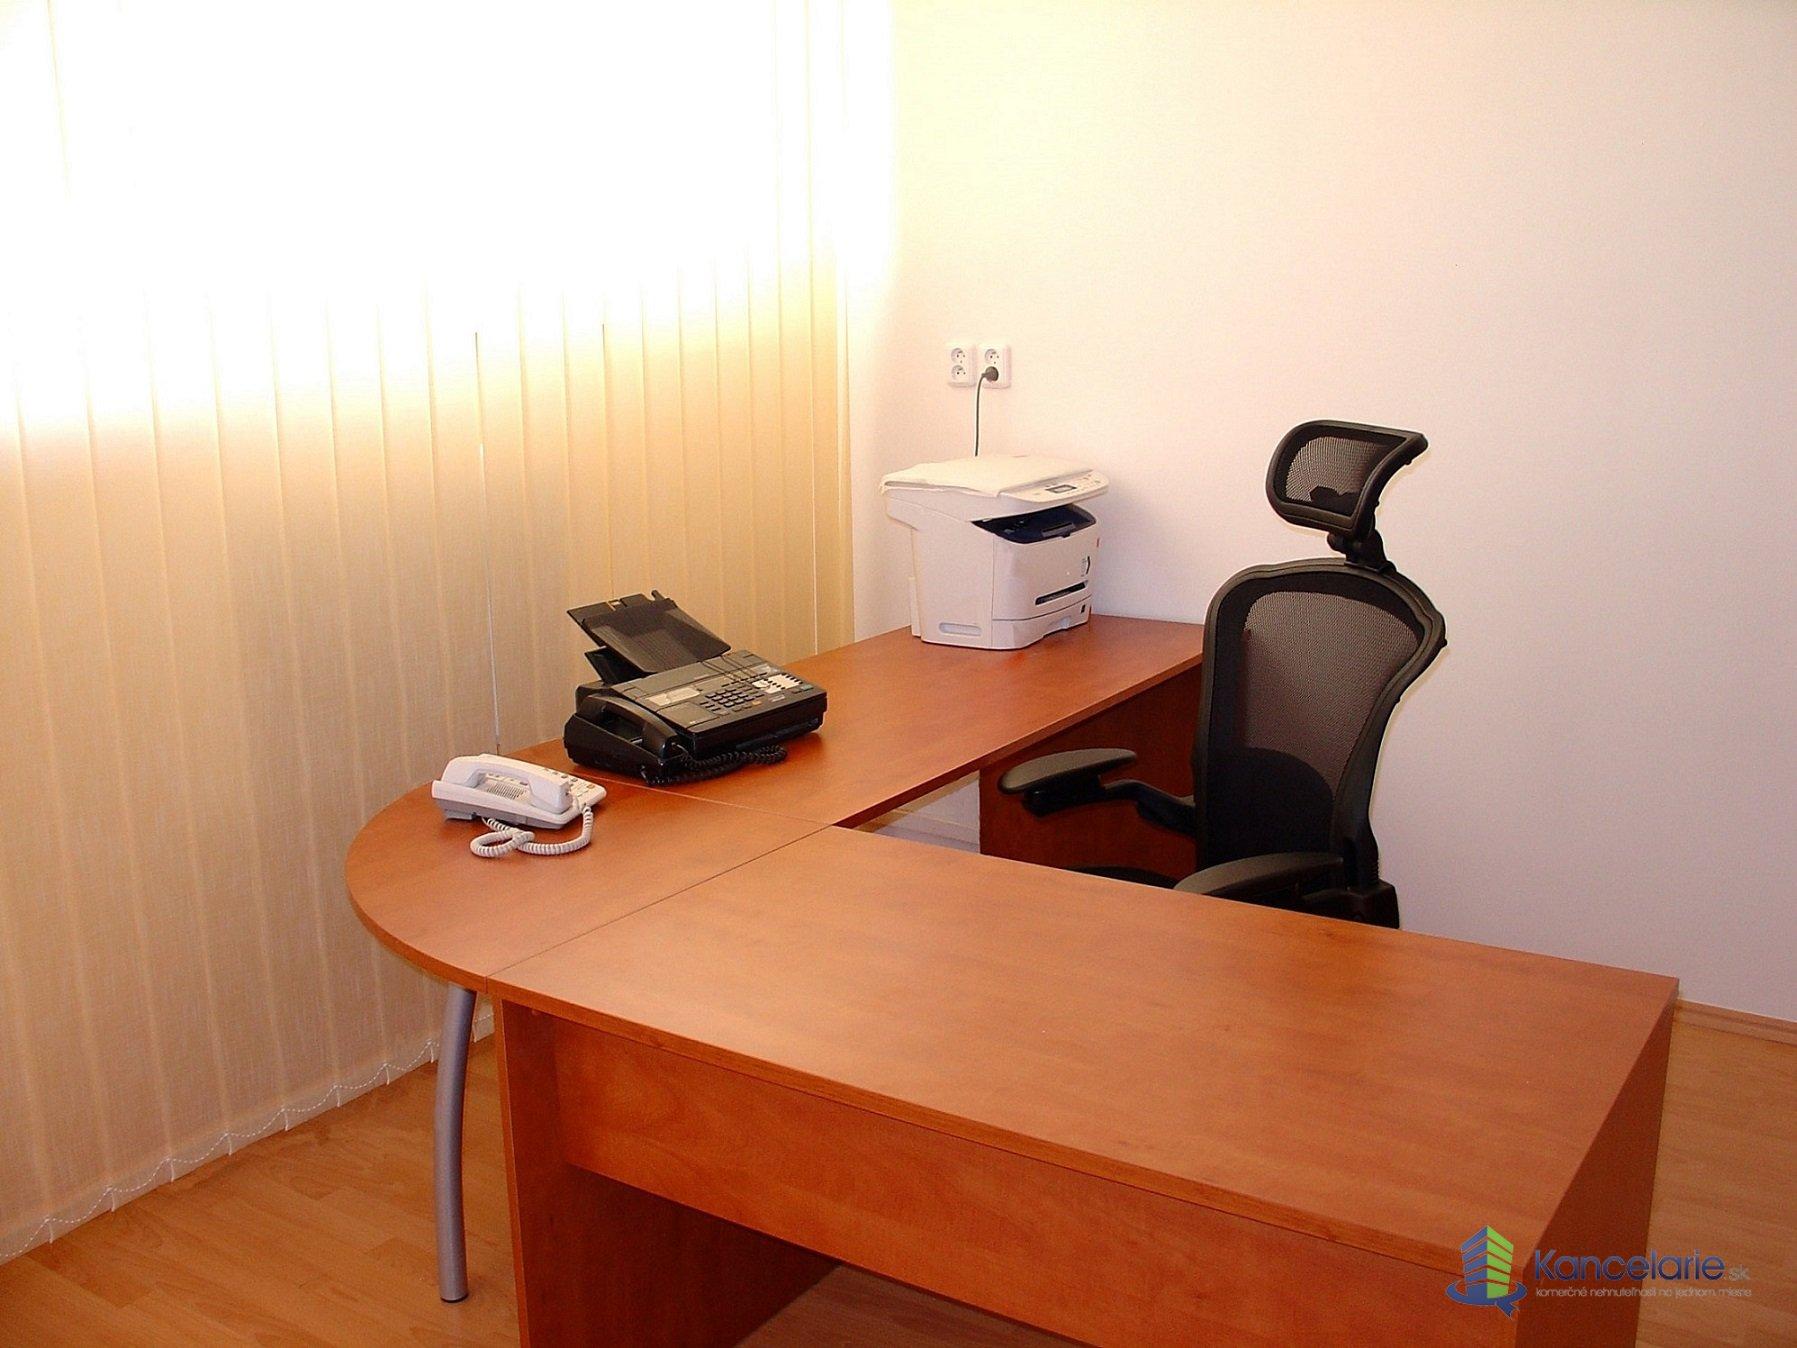 Agrimex spol. s r.o. (AMEX Park), Kancelária APB II č. 3.30, Púchovská 12, Bratislava